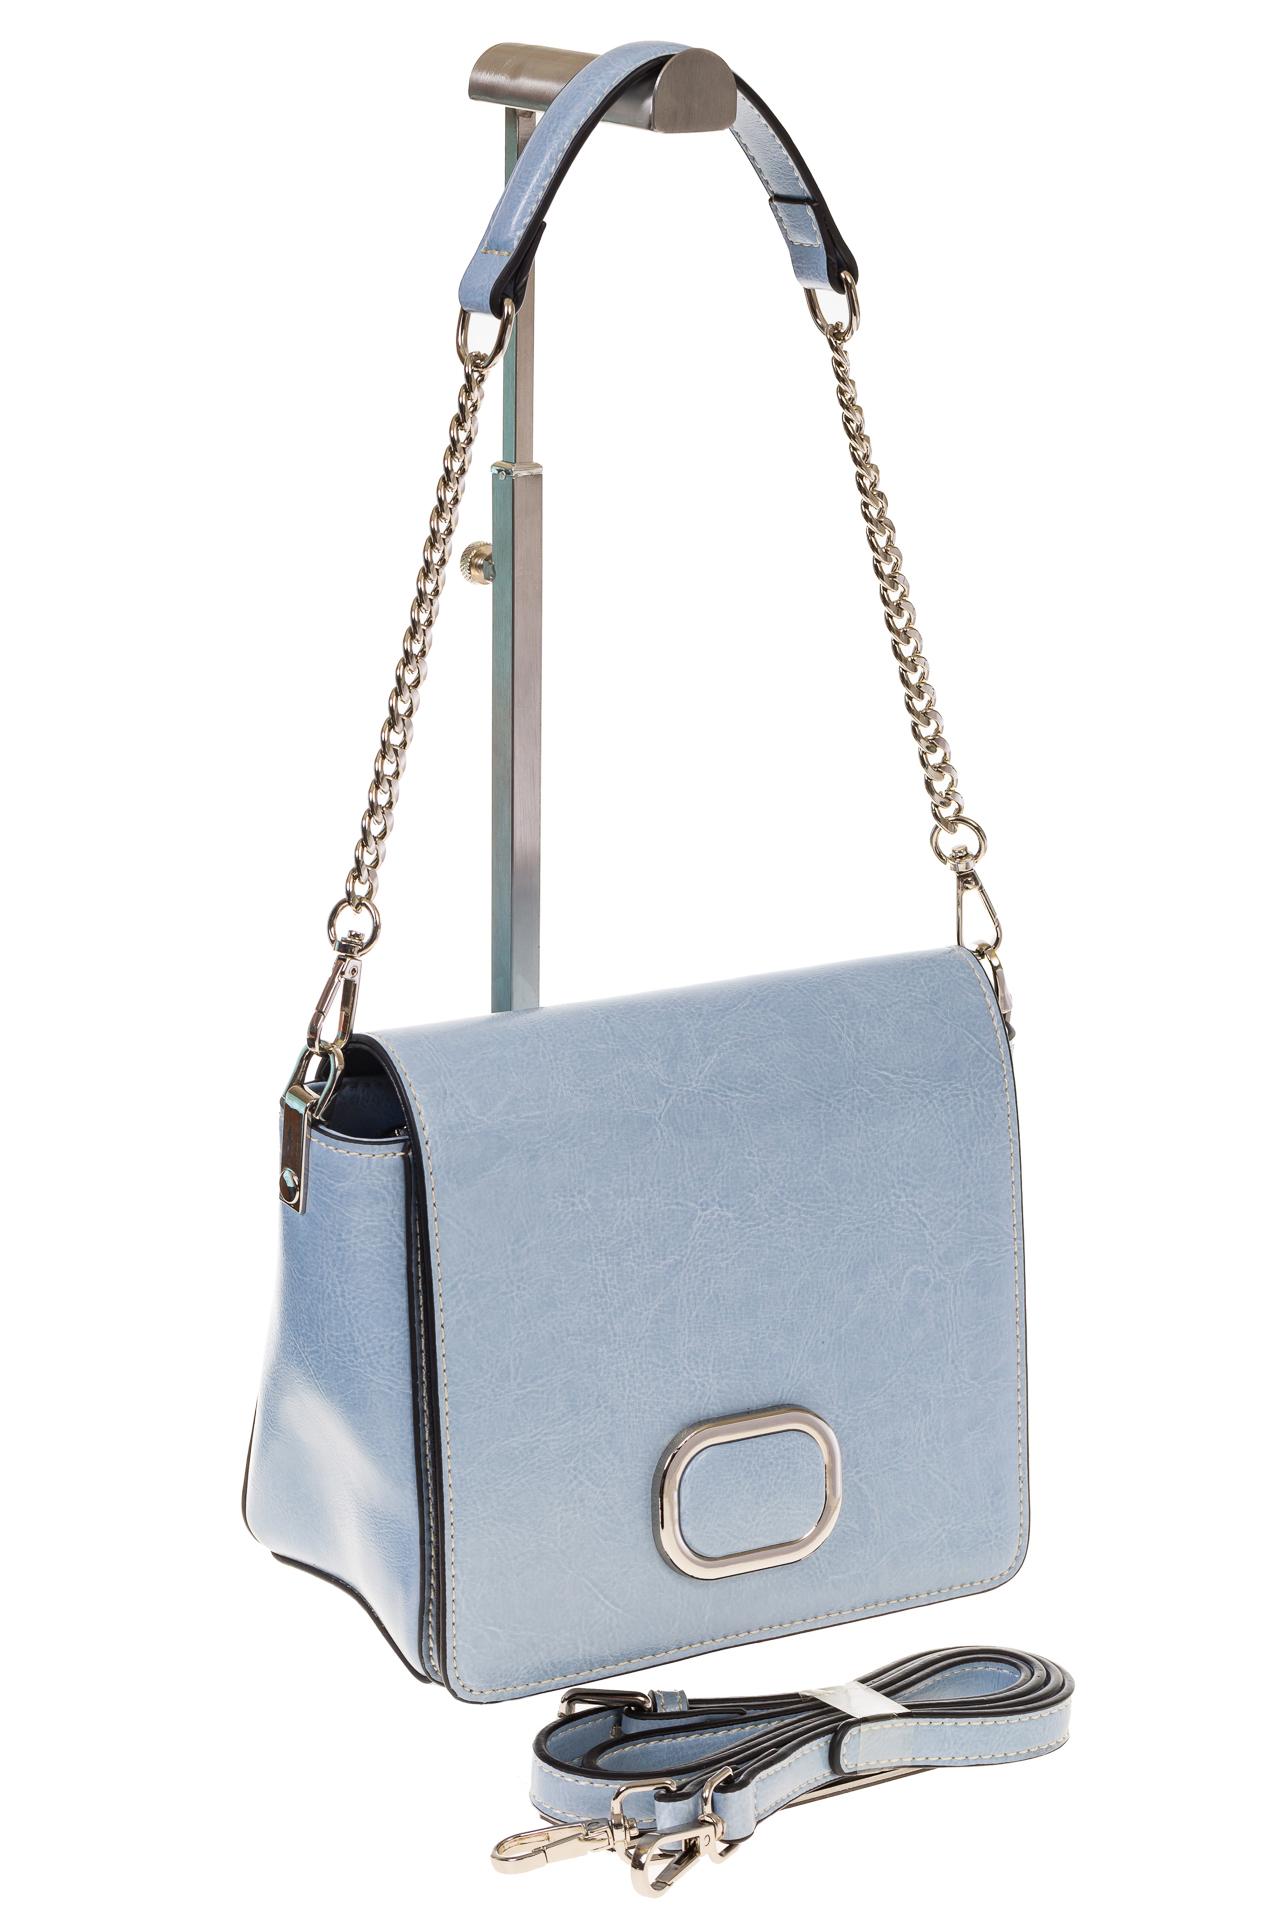 на фото Saddle bag из натуральной кожи голубого цвета 8987MK5